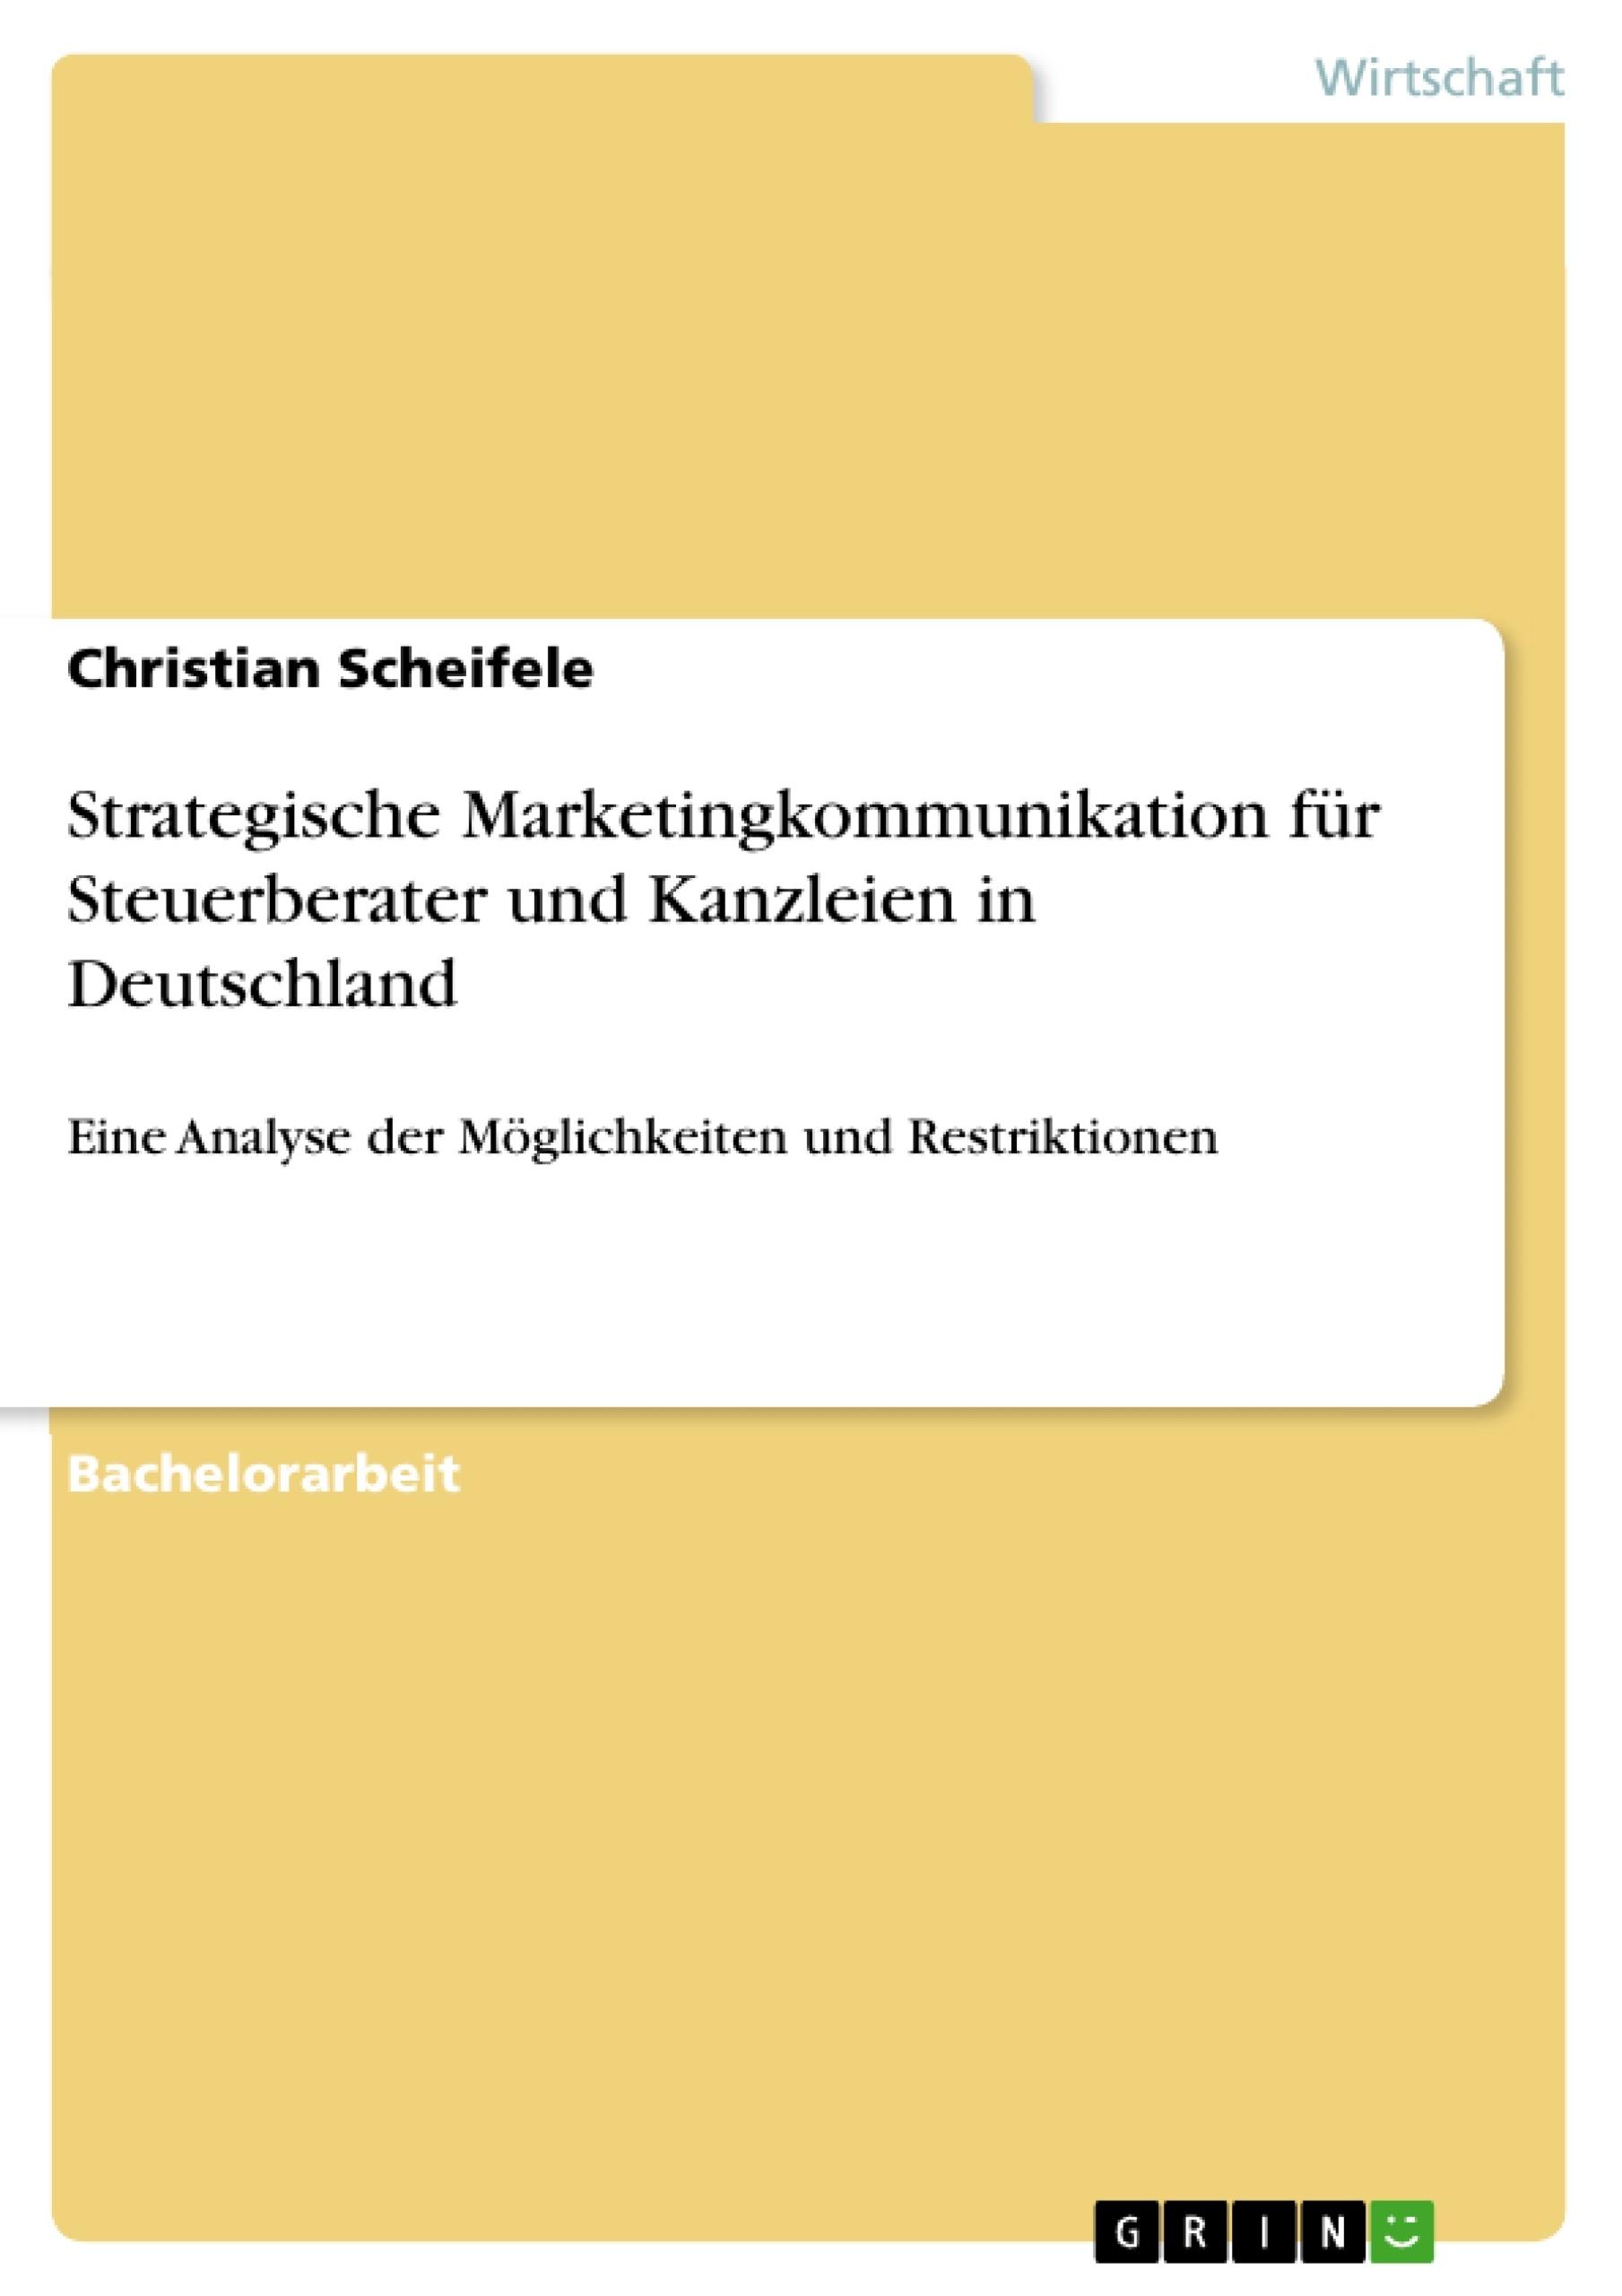 Titel: Strategische Marketingkommunikation für Steuerberater und Kanzleien in Deutschland